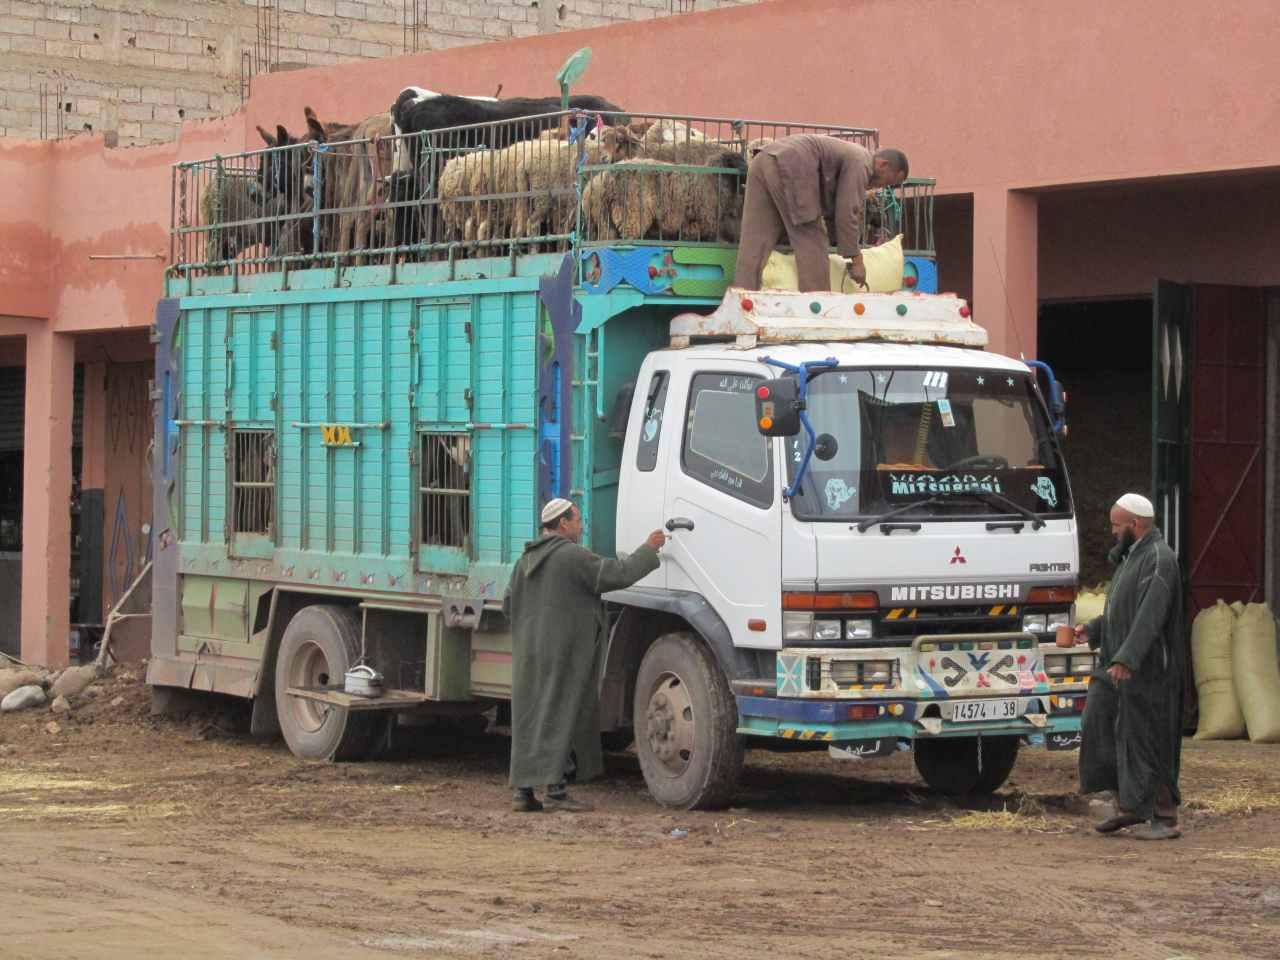 Maroc-Mitsubischi-veetransport[1]